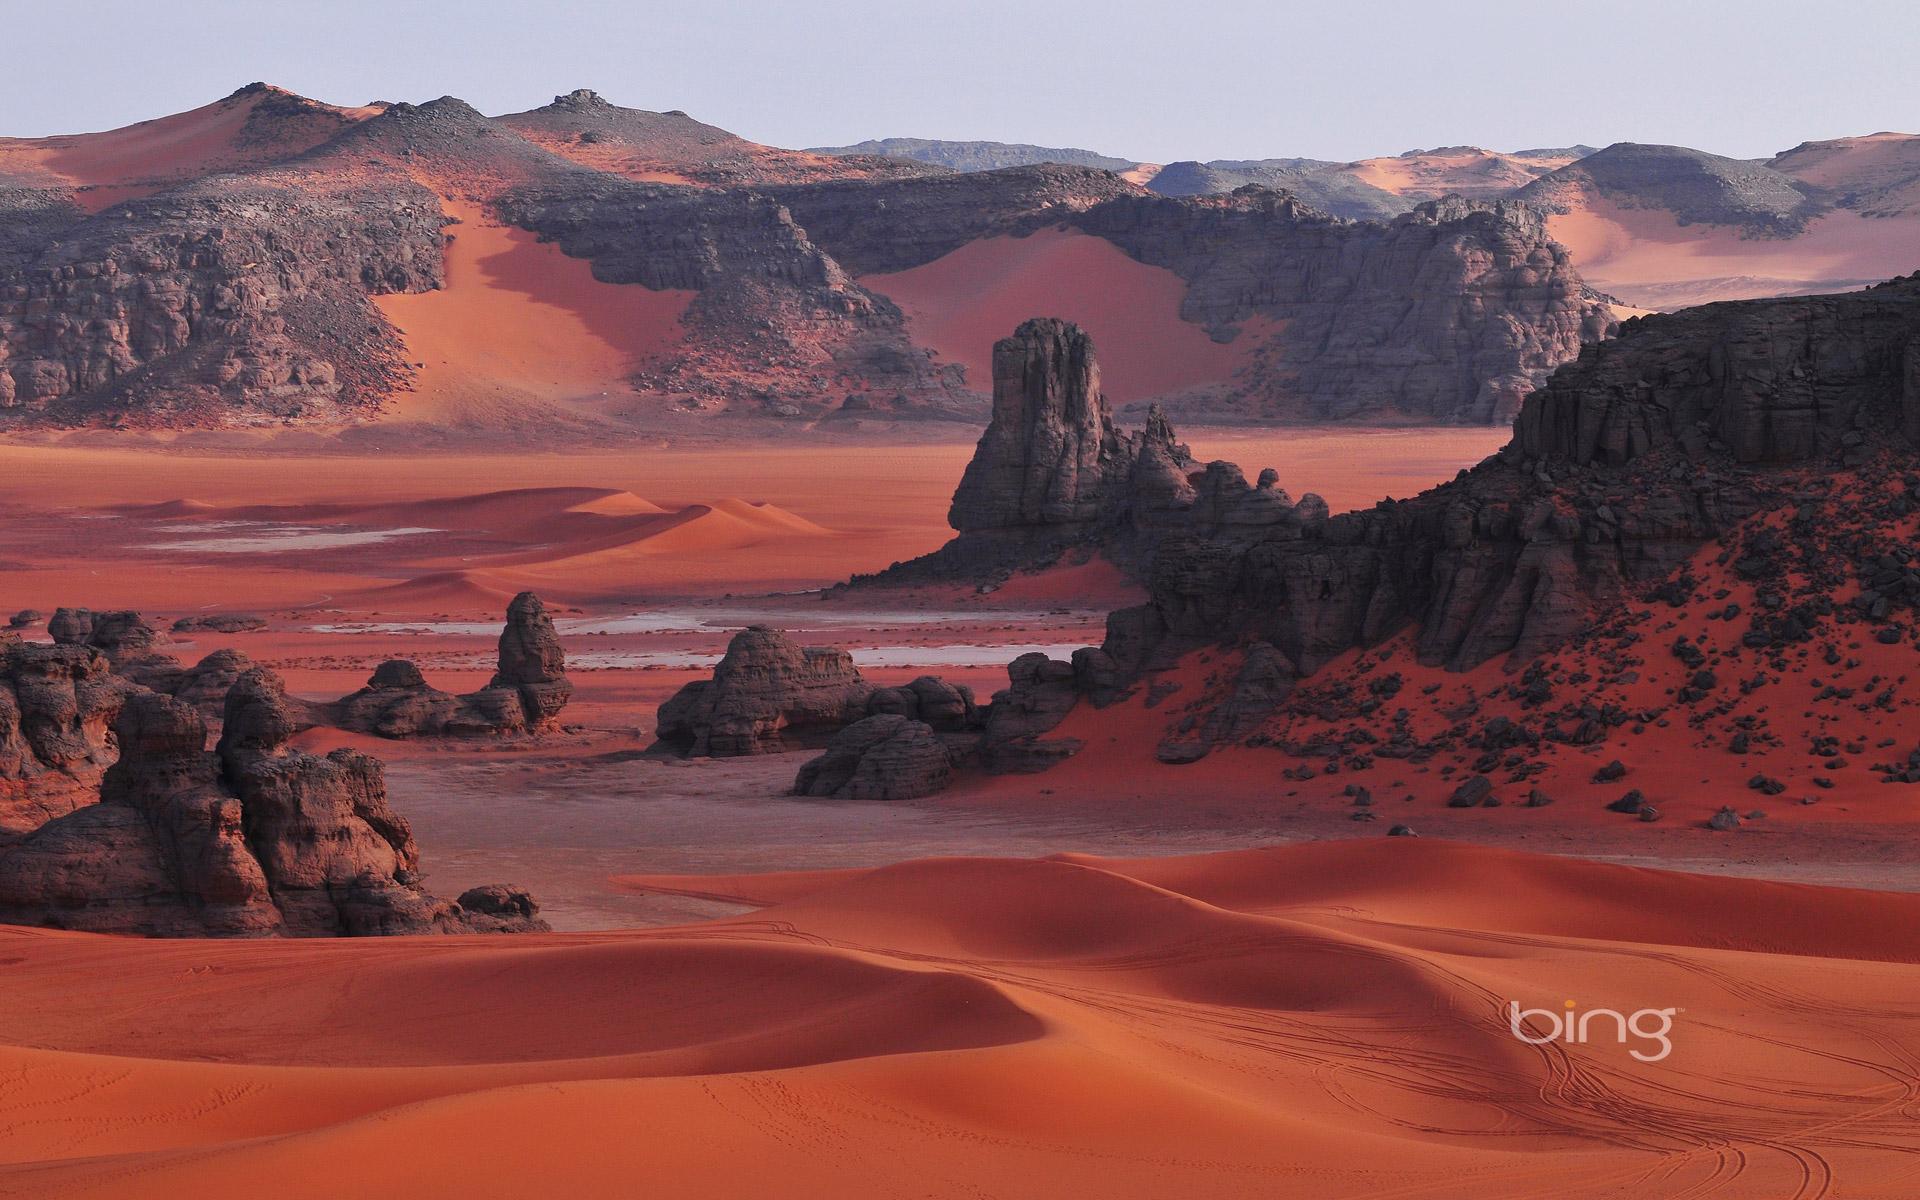 阿尔及利亚  撒哈拉沙漠.jpg